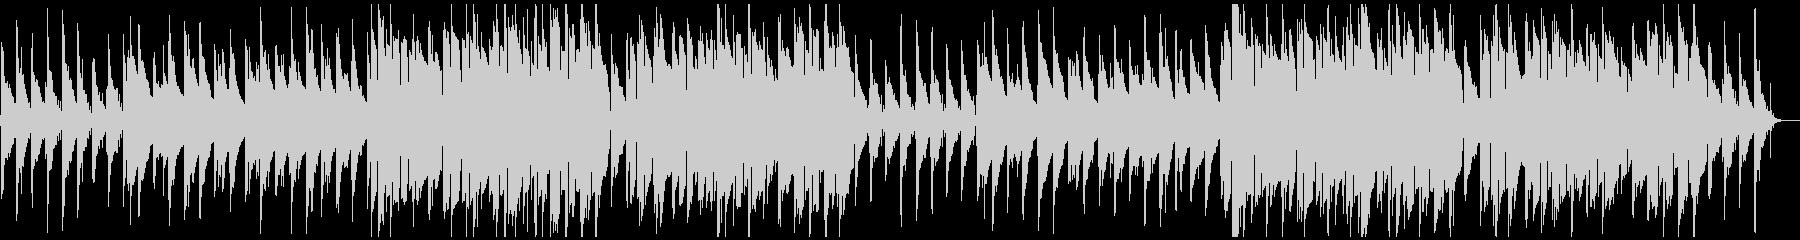 ちょっぴり感傷的なローファイヒップホップの未再生の波形